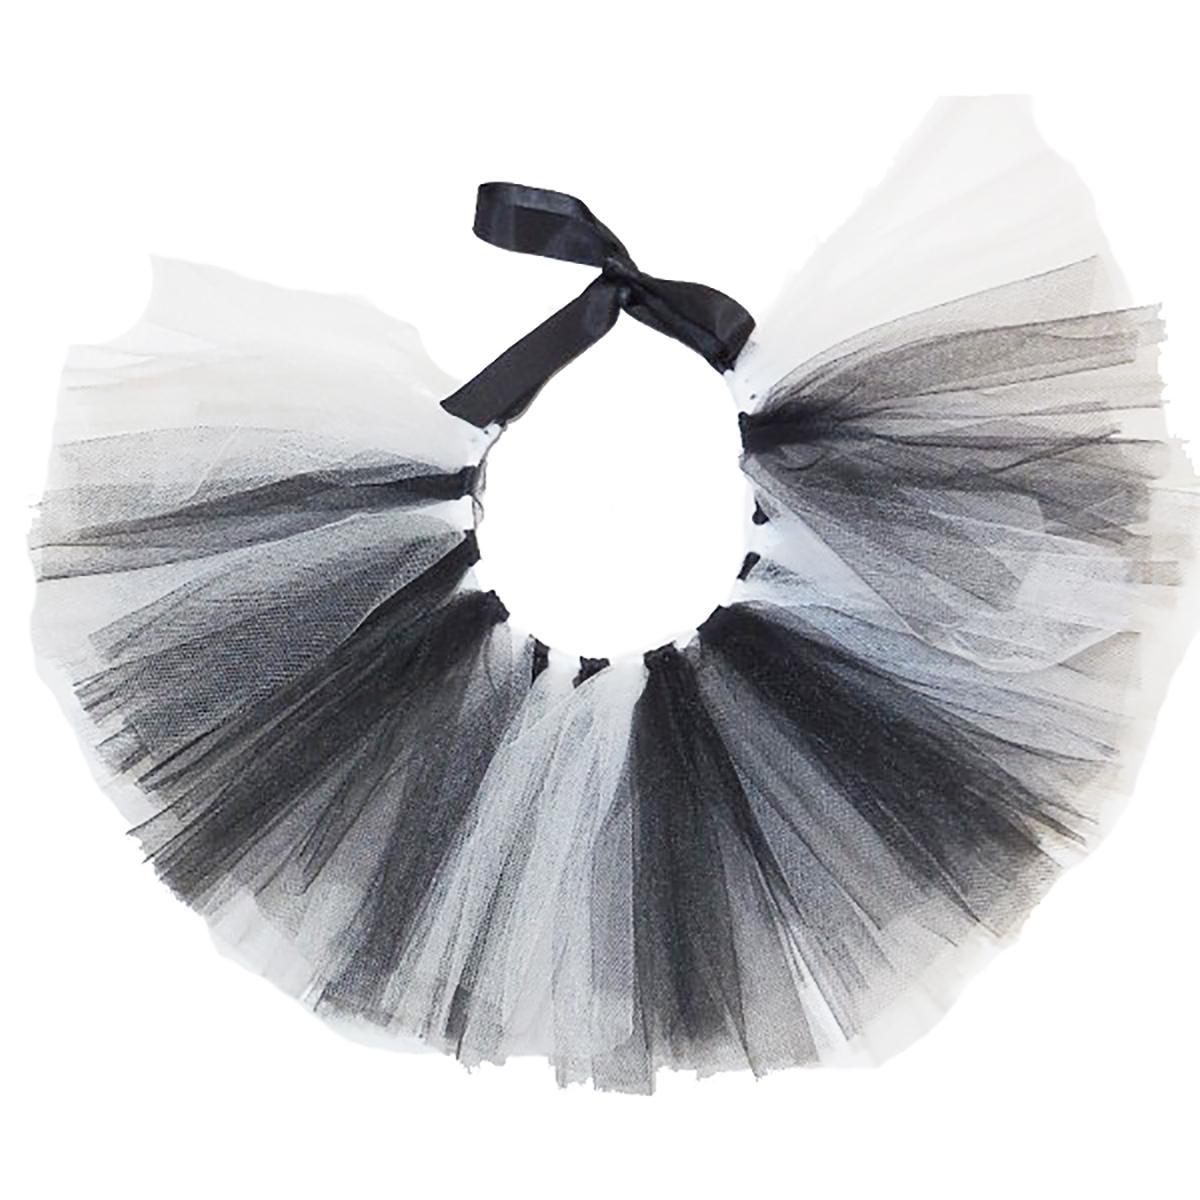 White/Black Tulle Dog Tutu by Pawpatu